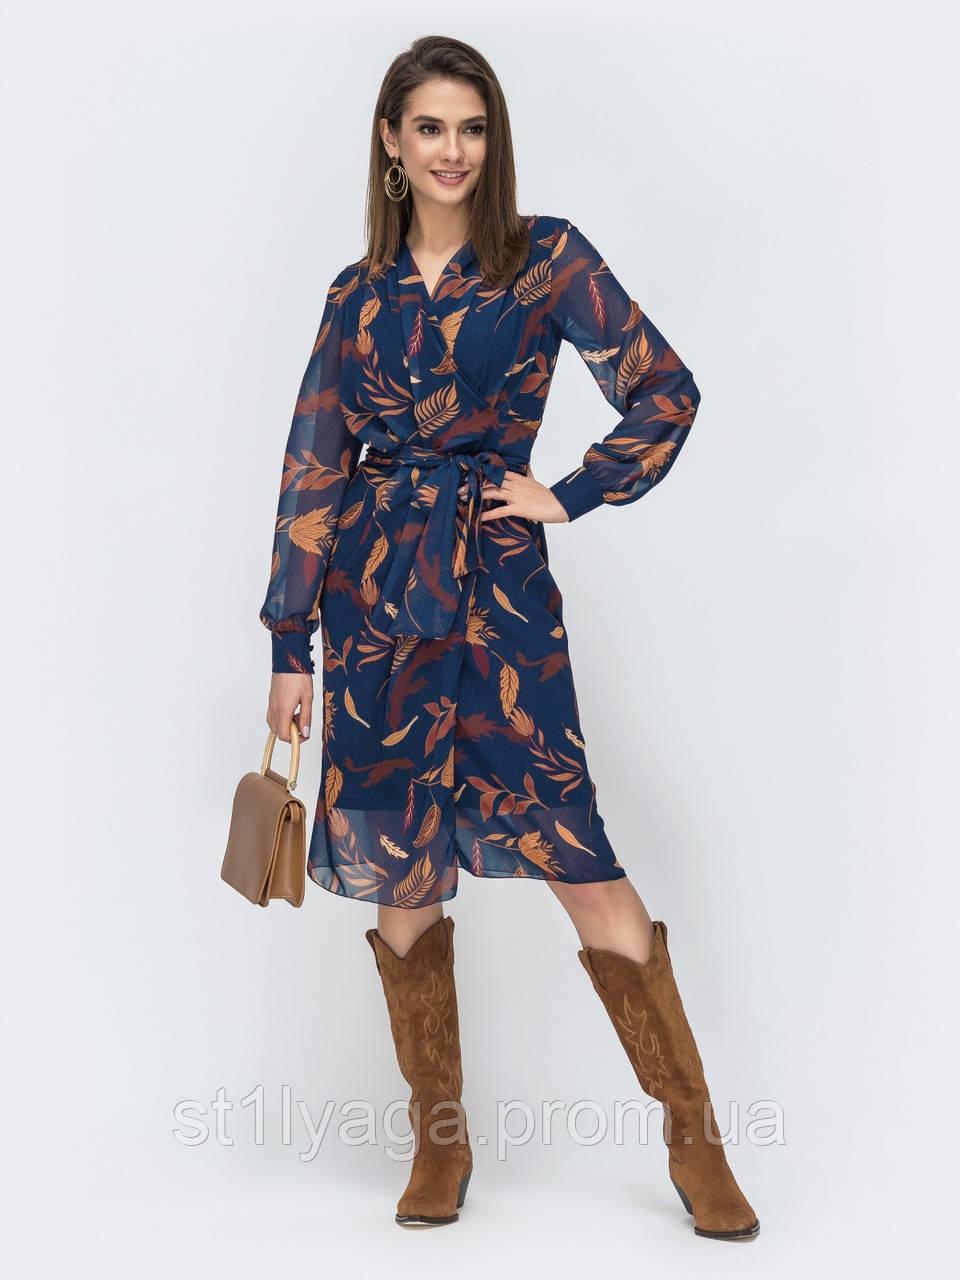 Шифоновое платье на запах с длинным рукавом